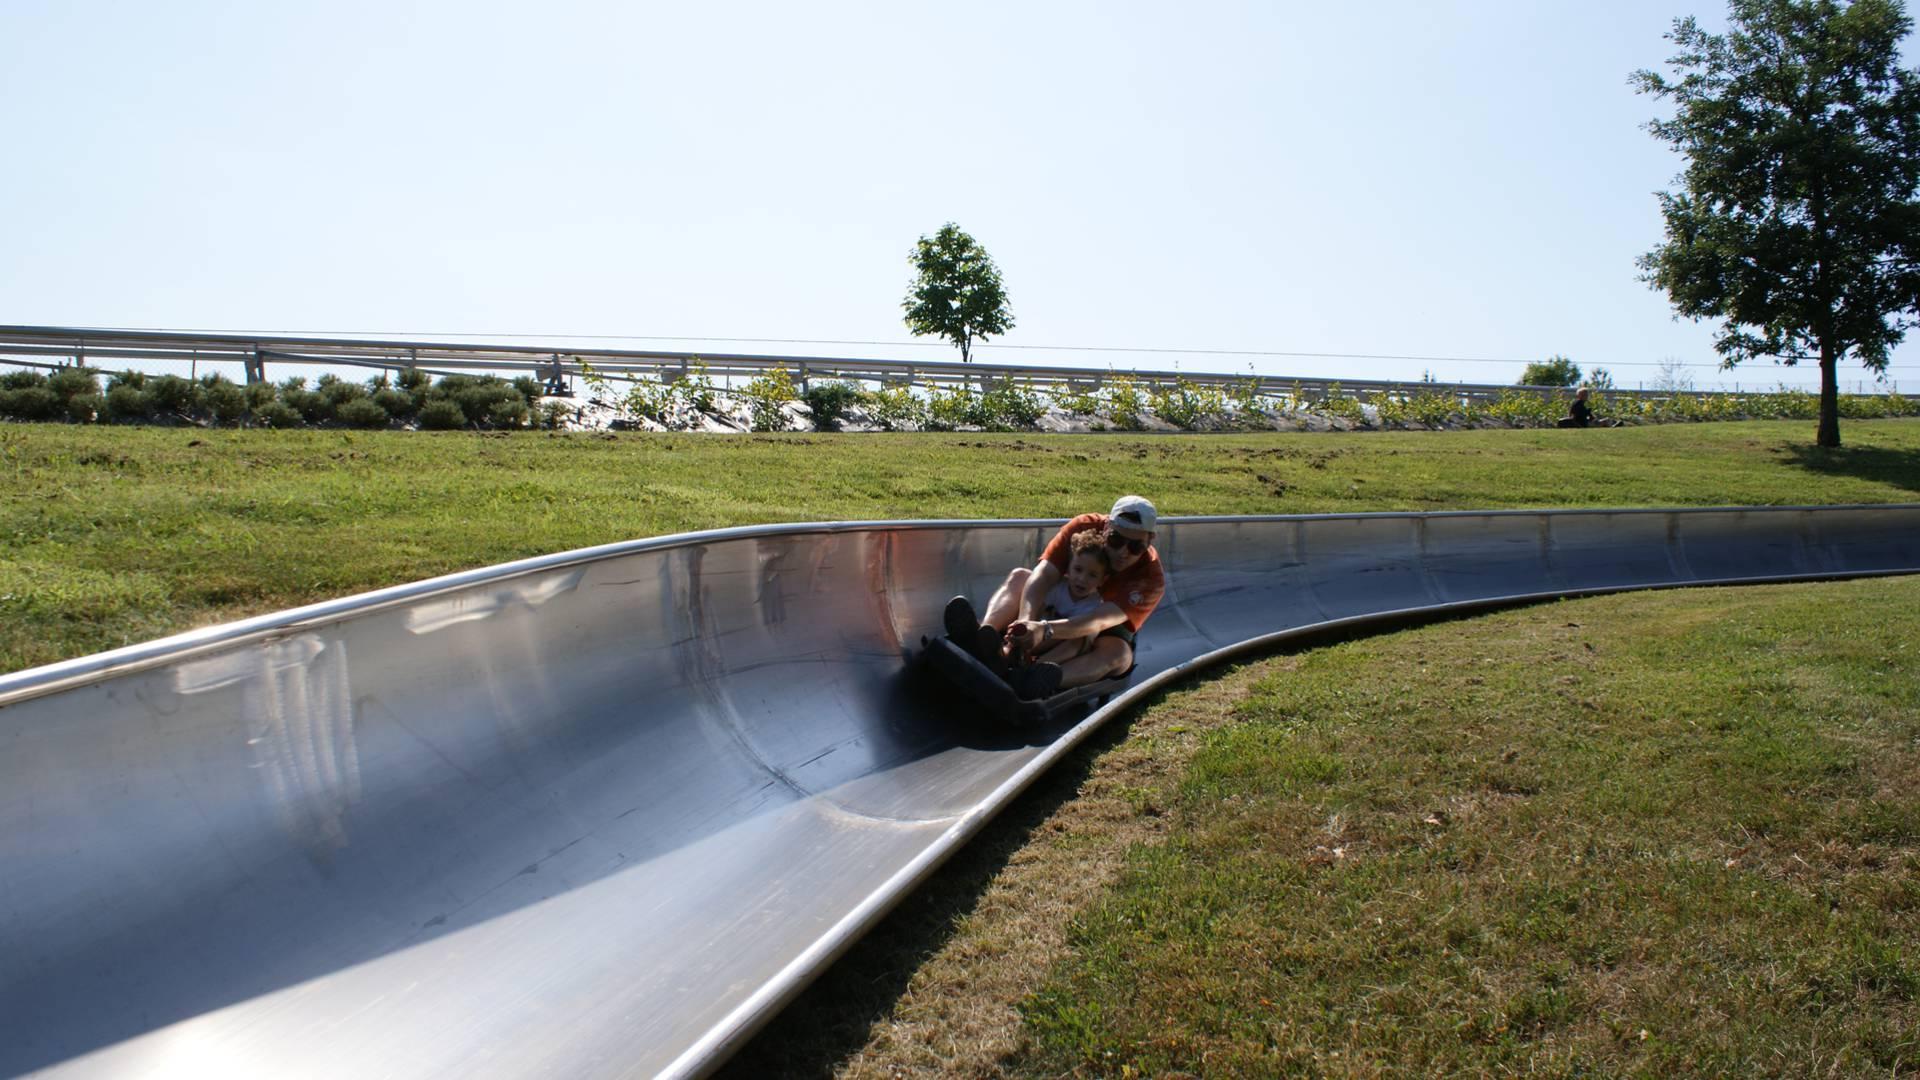 La luge d'été, attrcation historique du Parc des Combes, Le Creusot. © Parc des Combes.